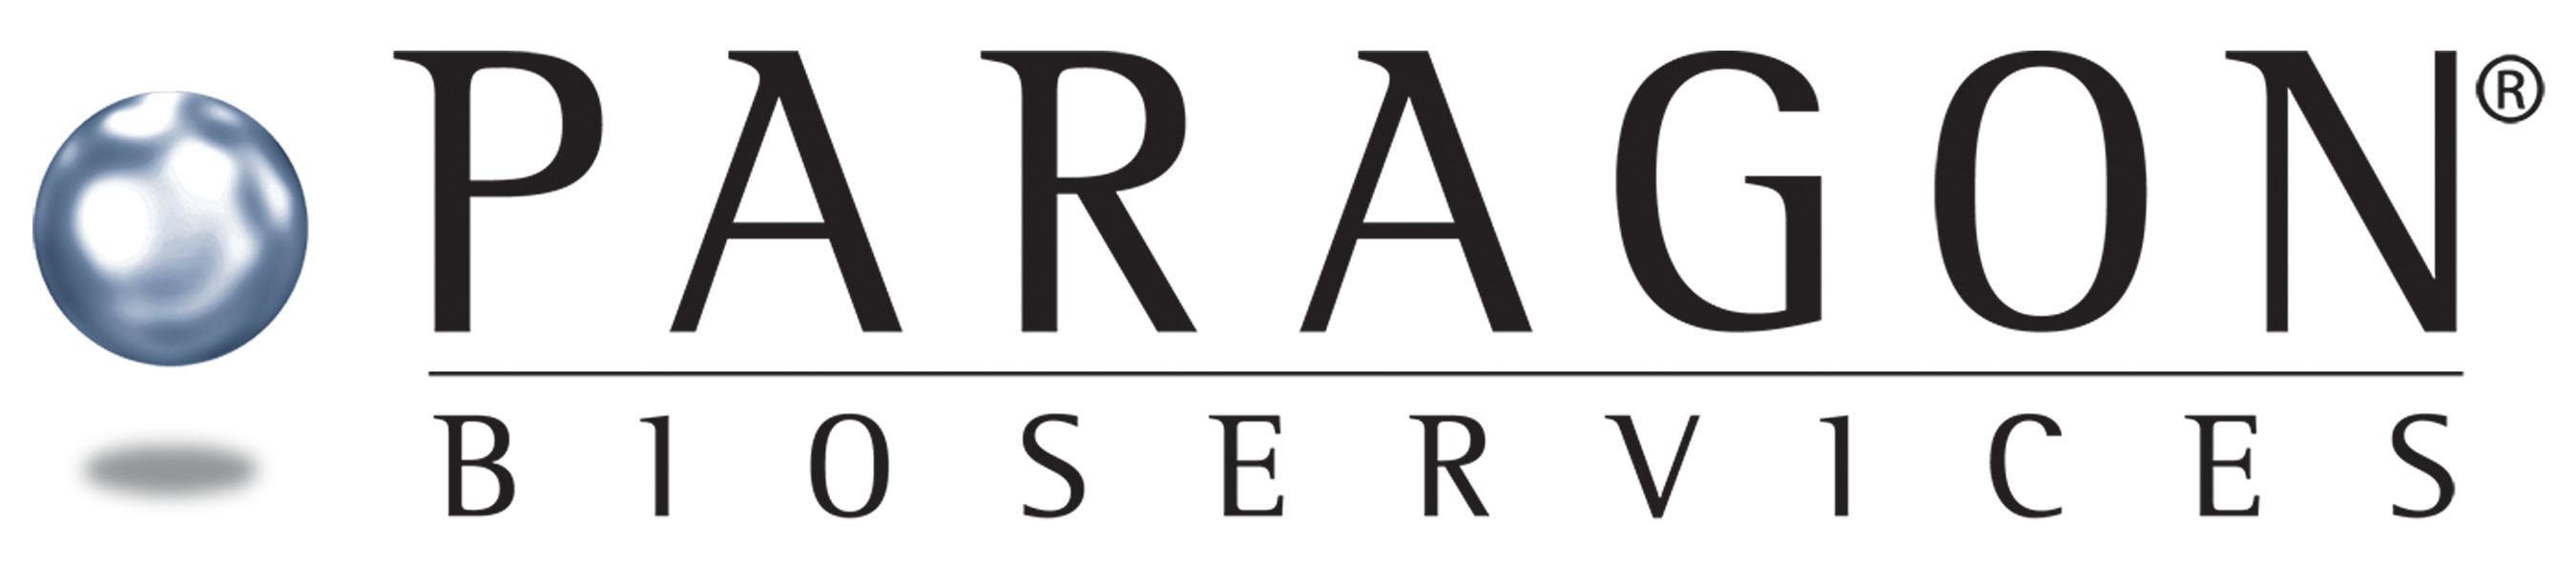 Paragon Bioservices Logo